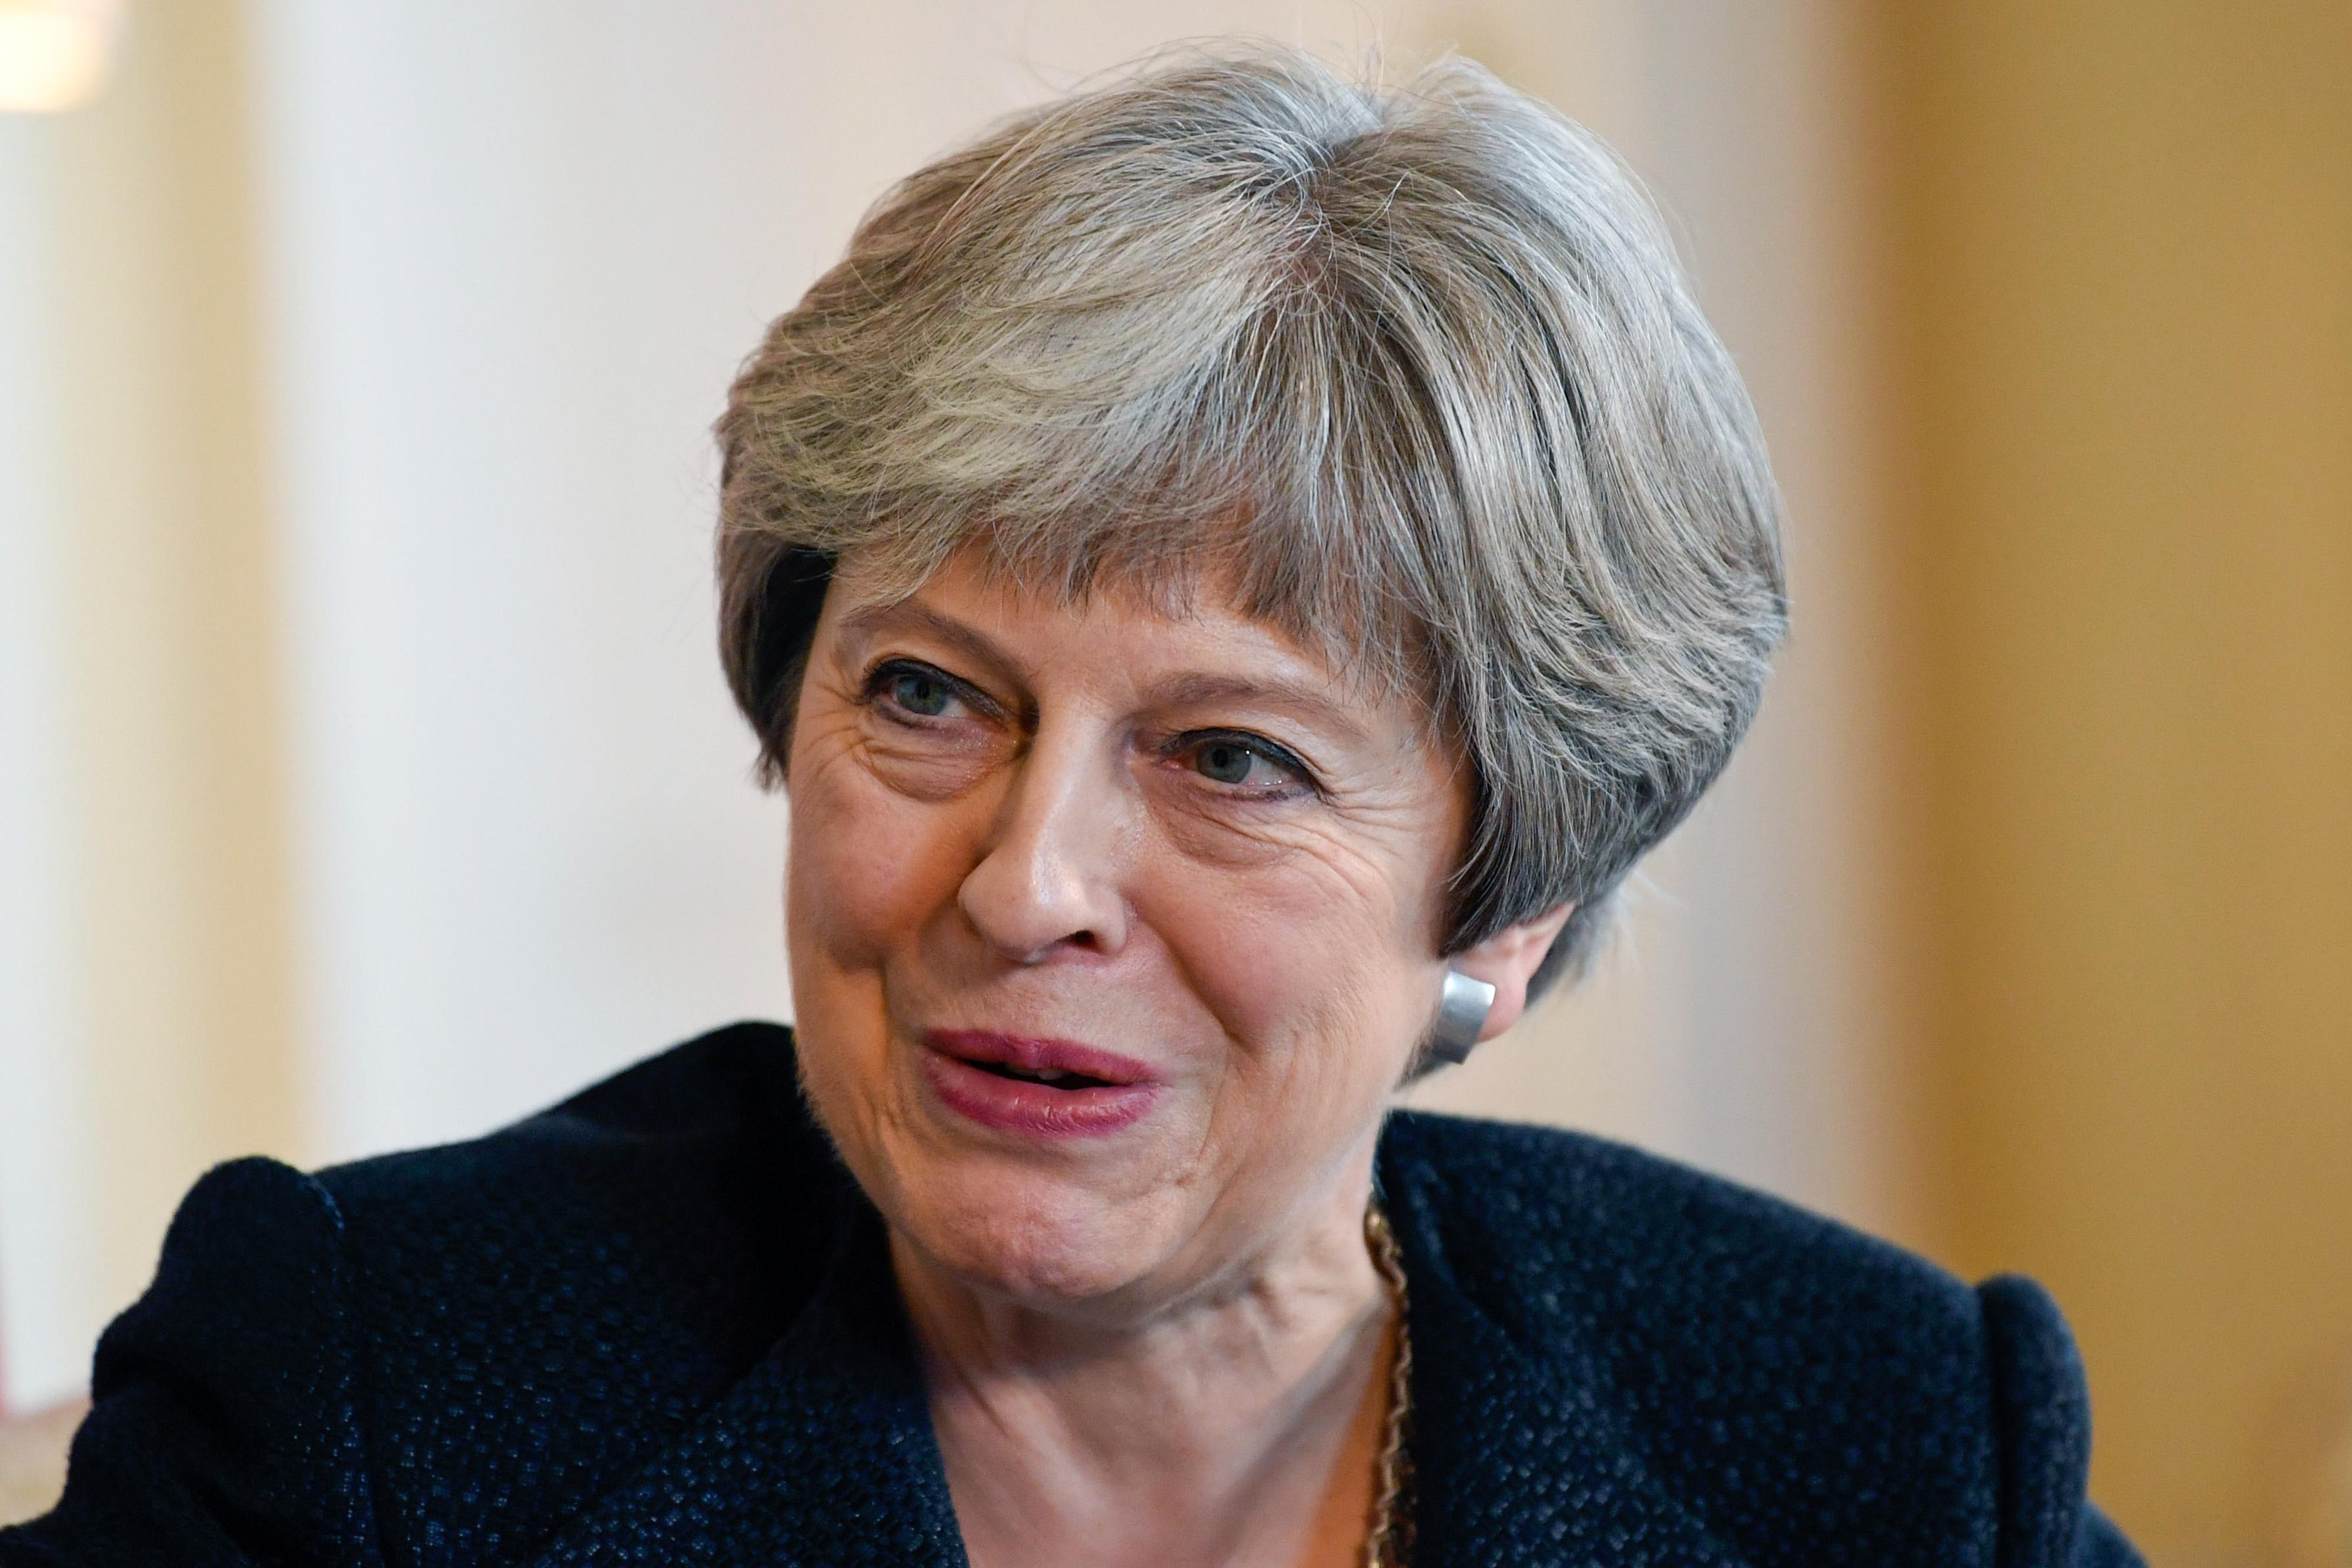 U.K. Prime Minister Theresa May Hosts Estonia's Prime Minister Juri Ratas